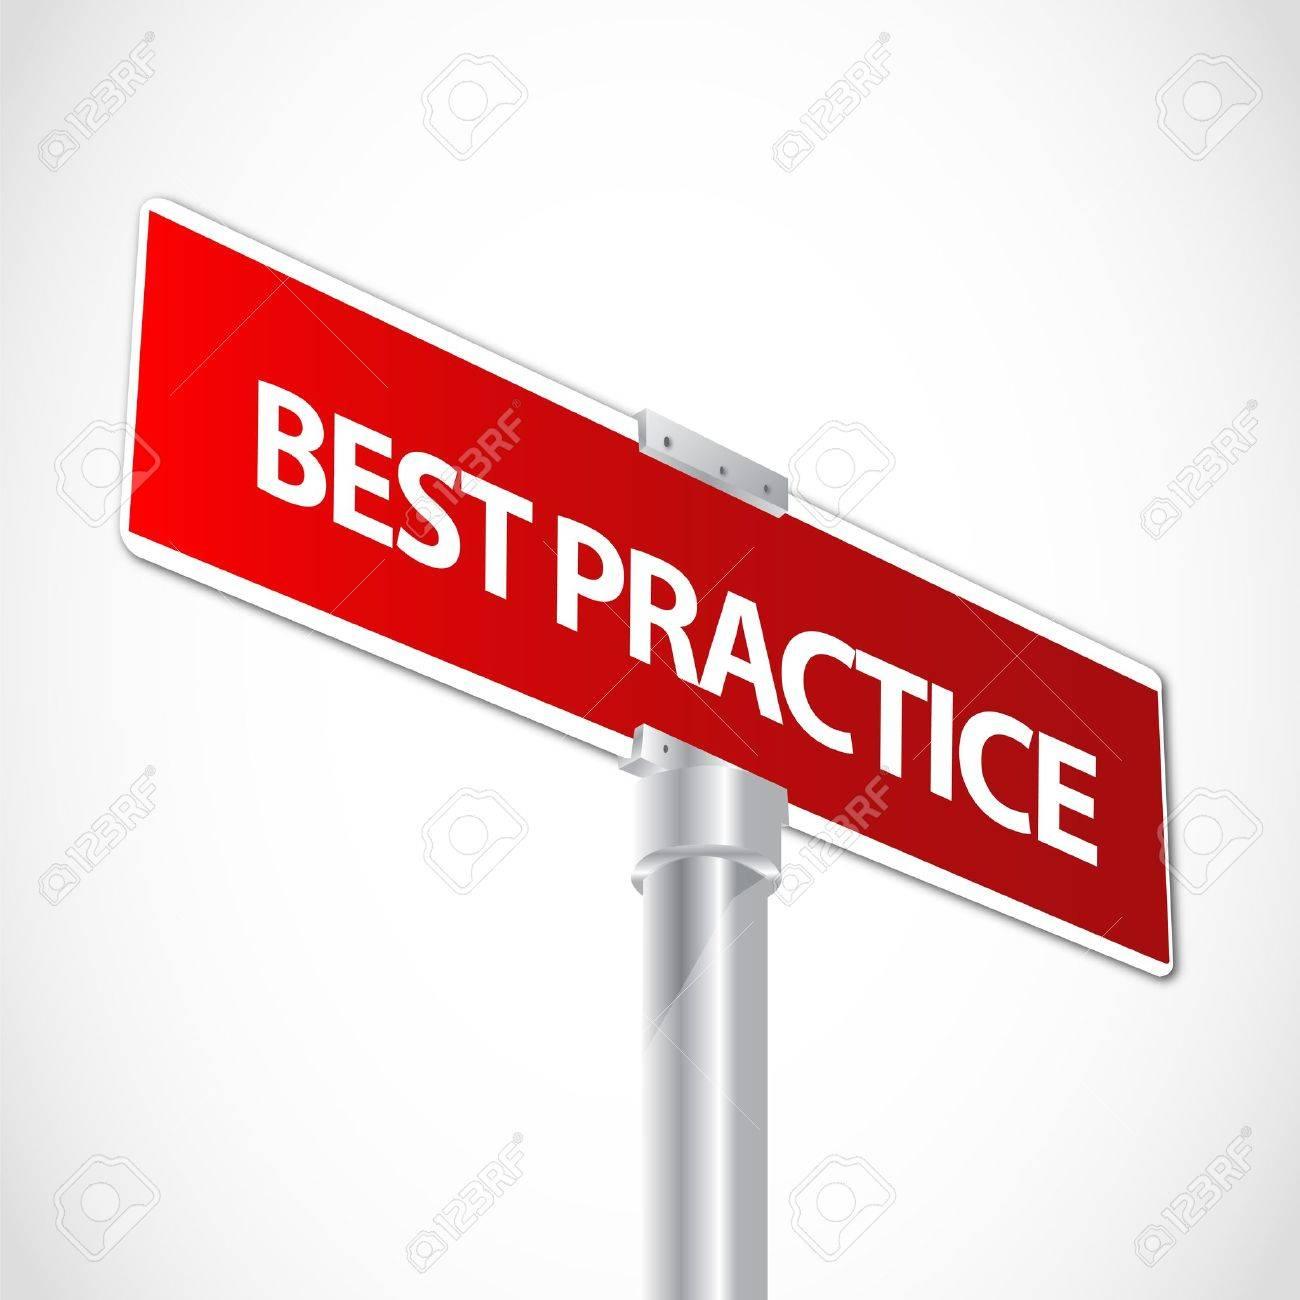 Best Practice Best Practice